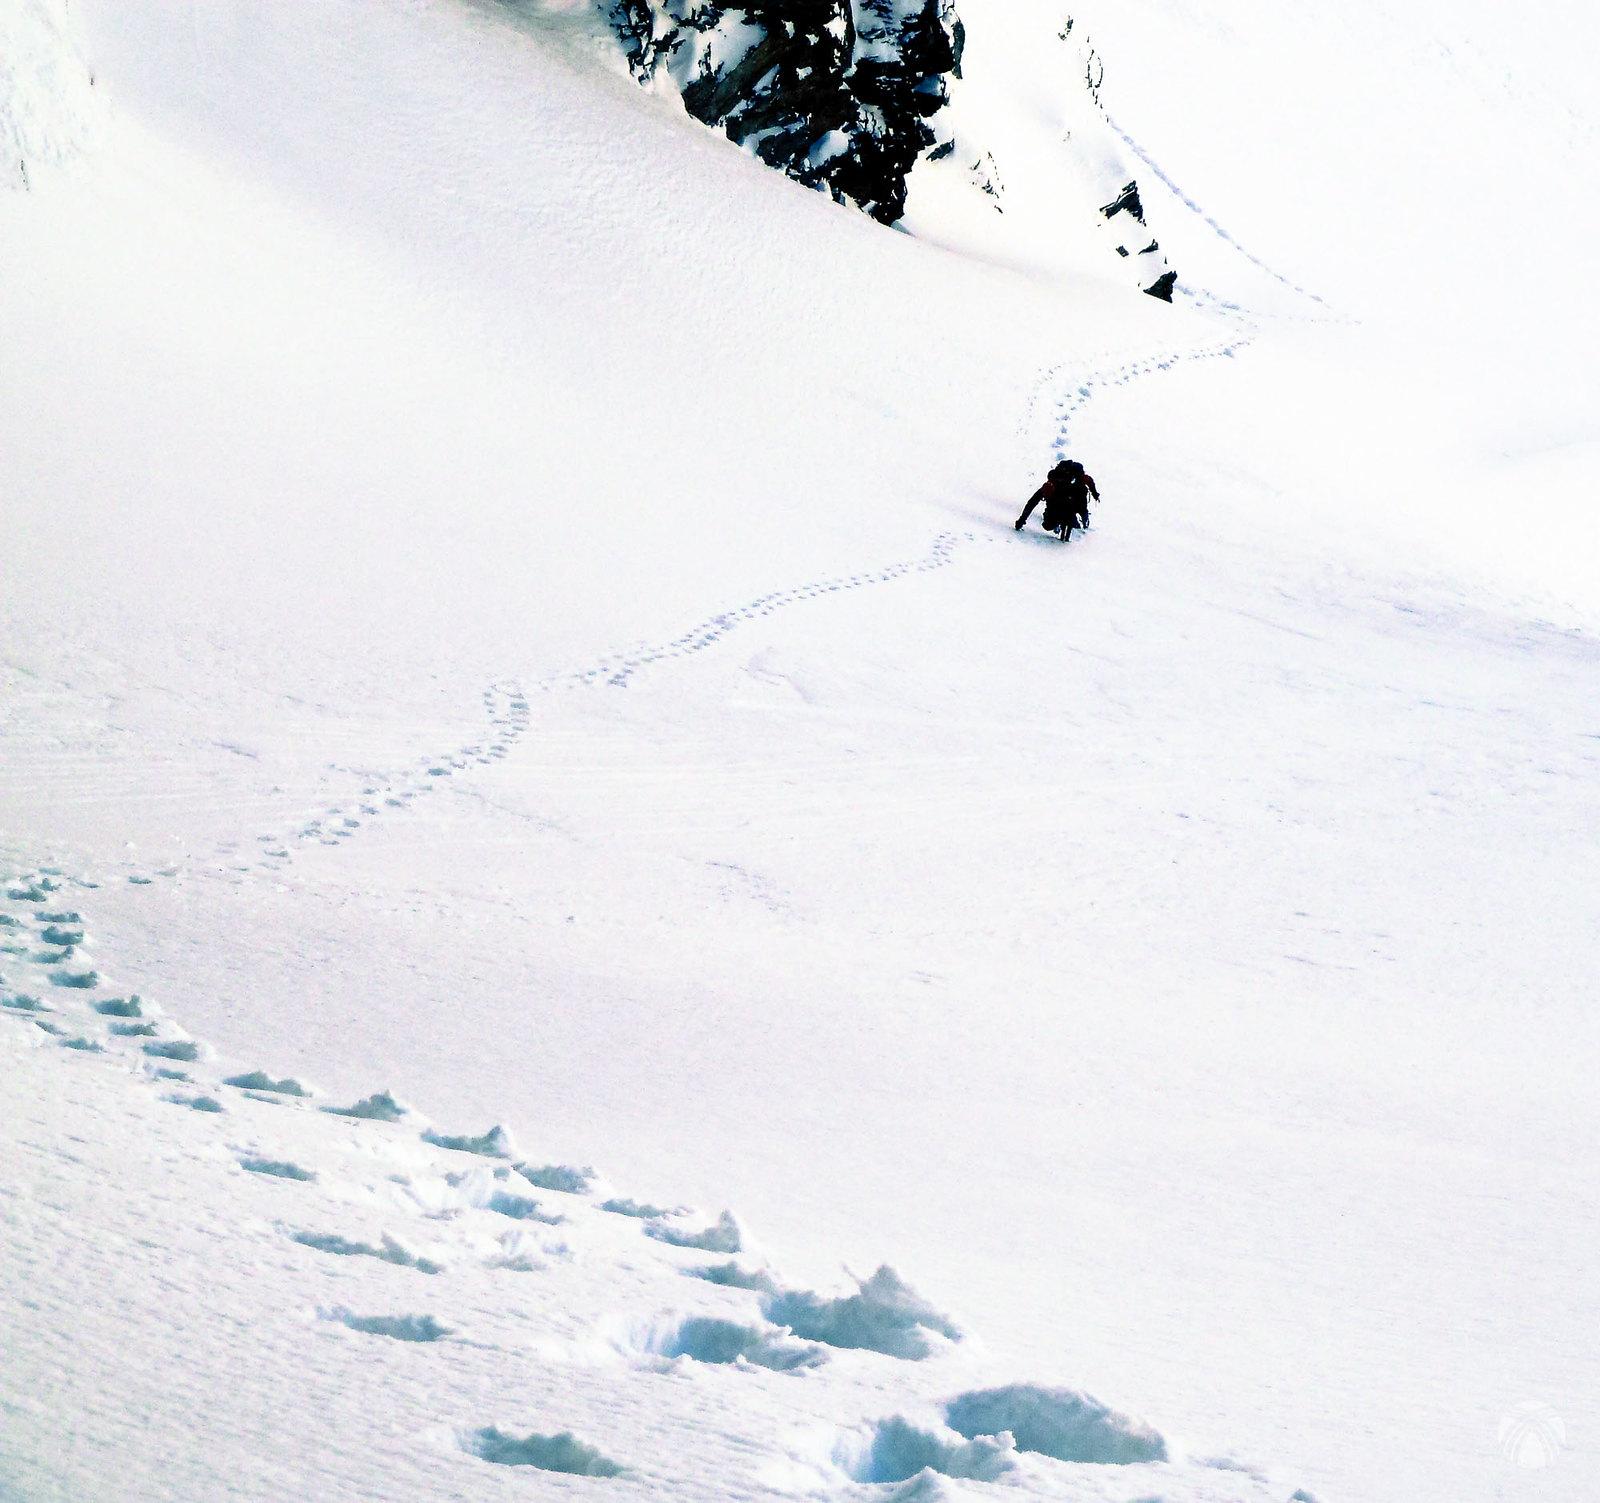 Empezamos los primeros metros por pendientes de nieve moderada